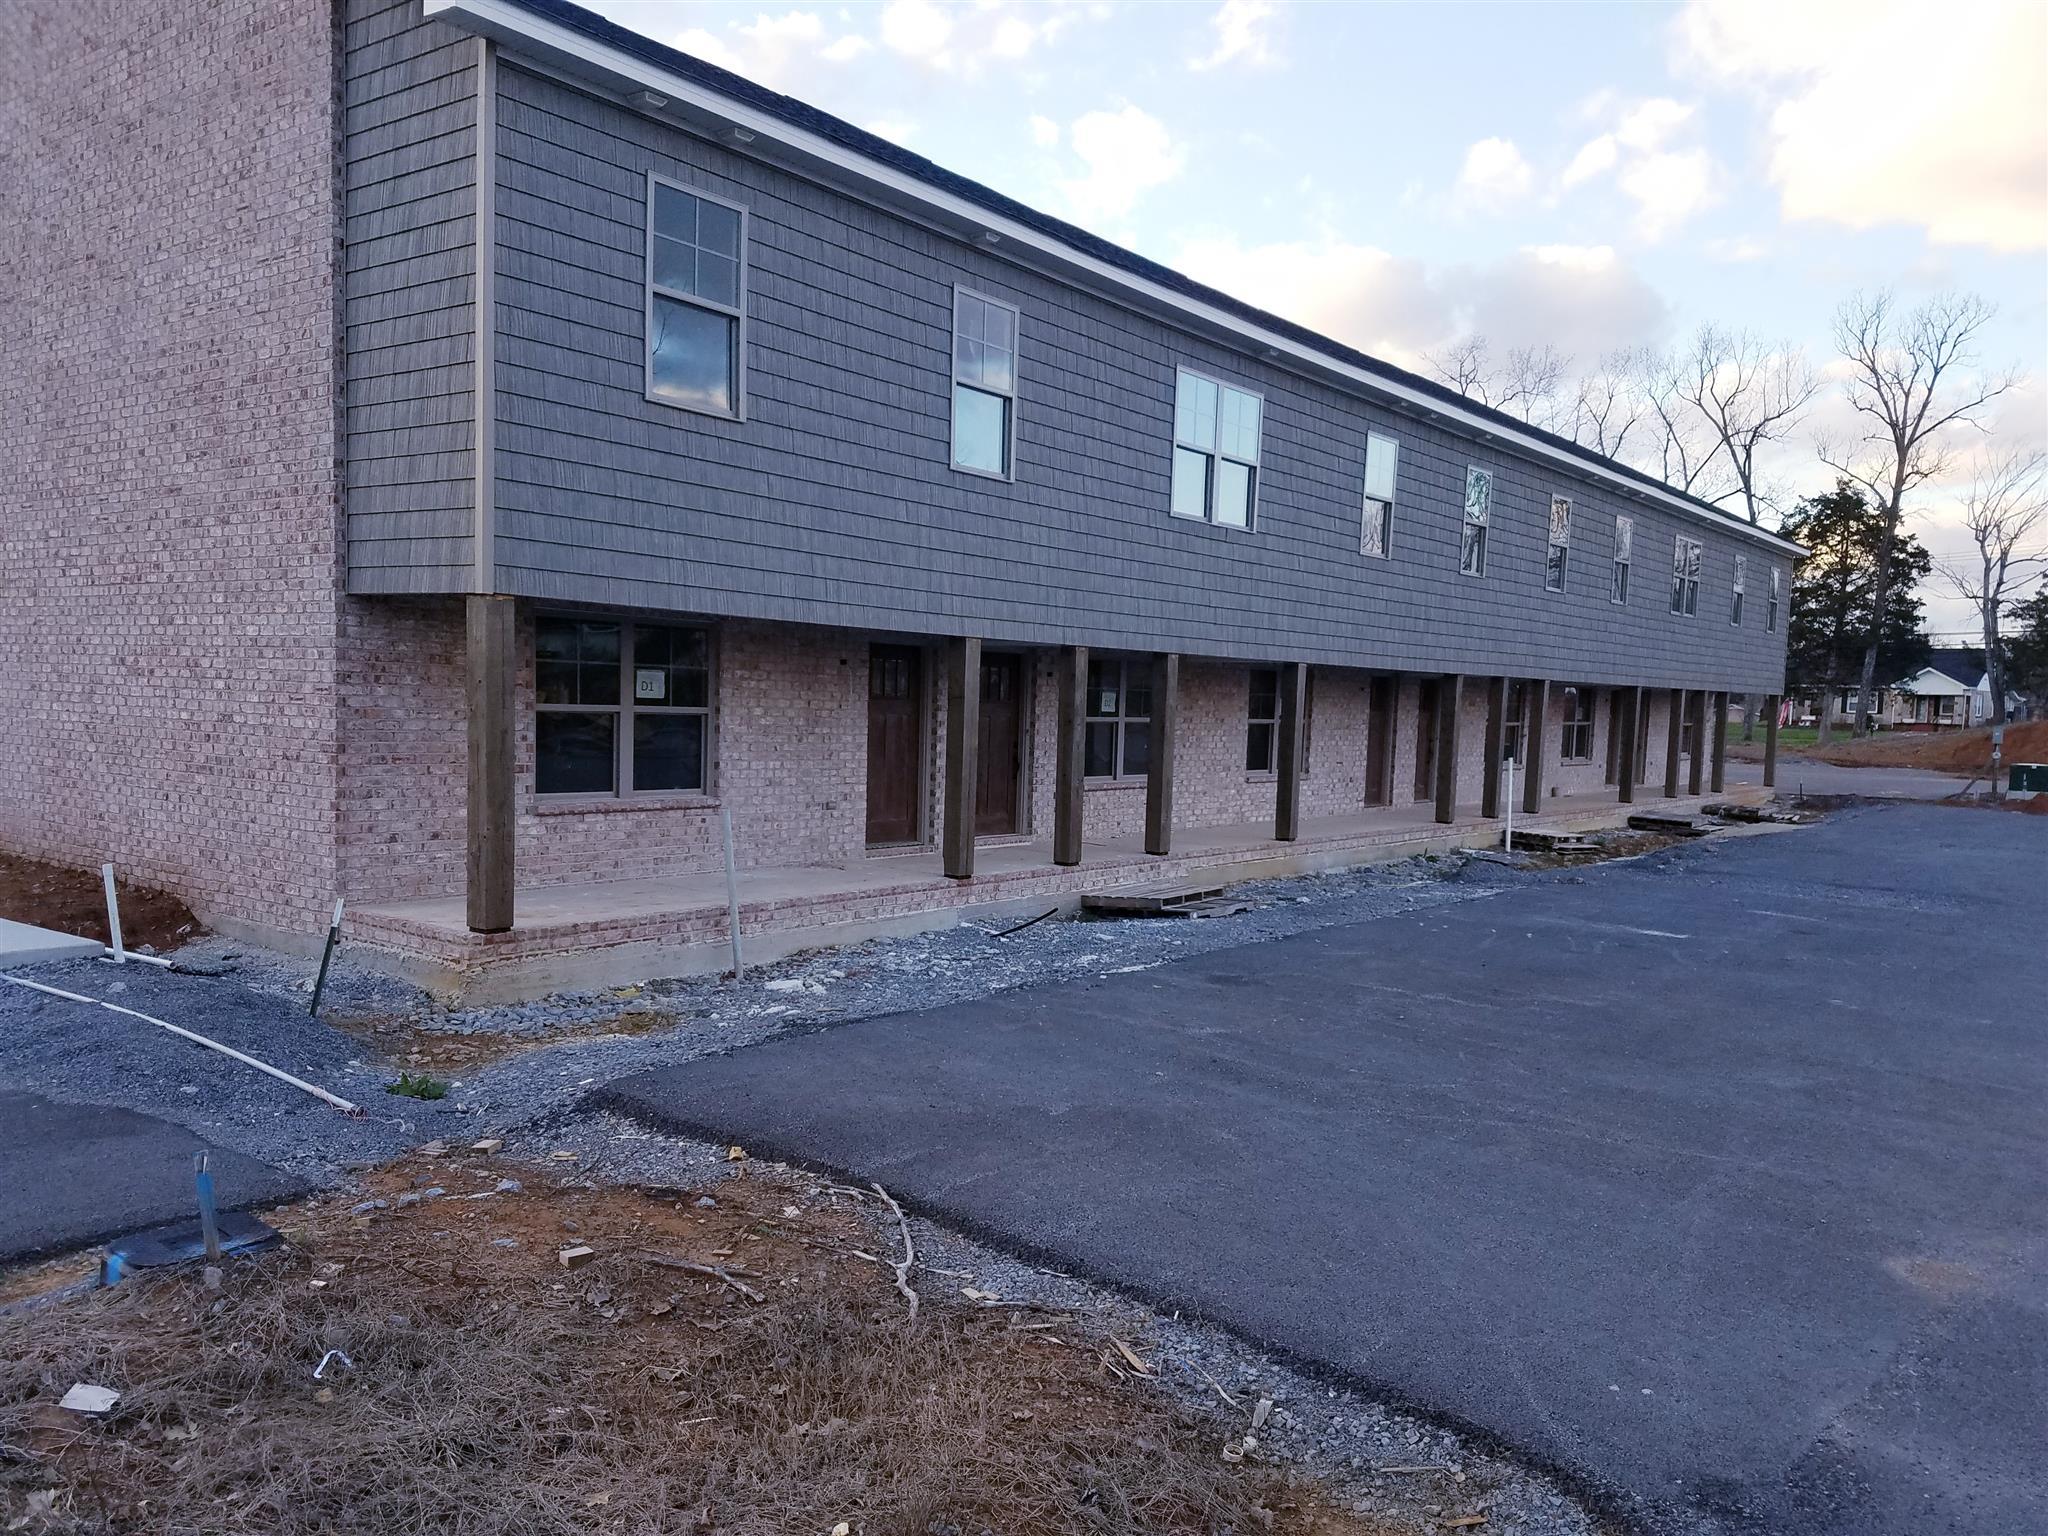 2506 E Main D2, Murfreesboro, TN 37127 - Murfreesboro, TN real estate listing